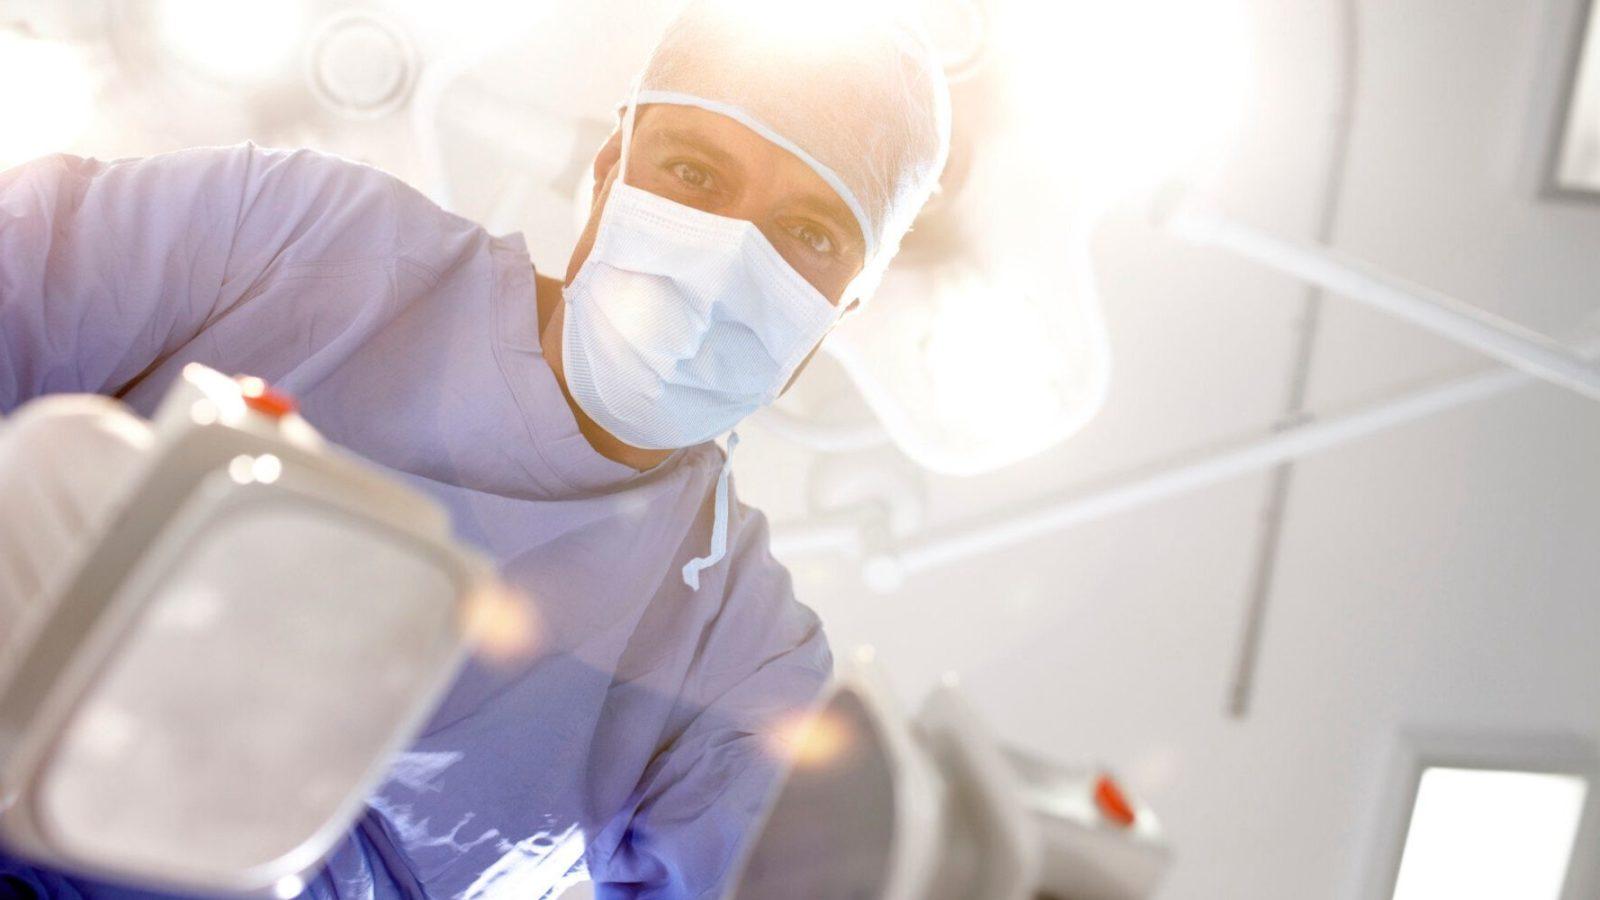 Клиническая смерть – что это значит, ее признаки, продолжительность